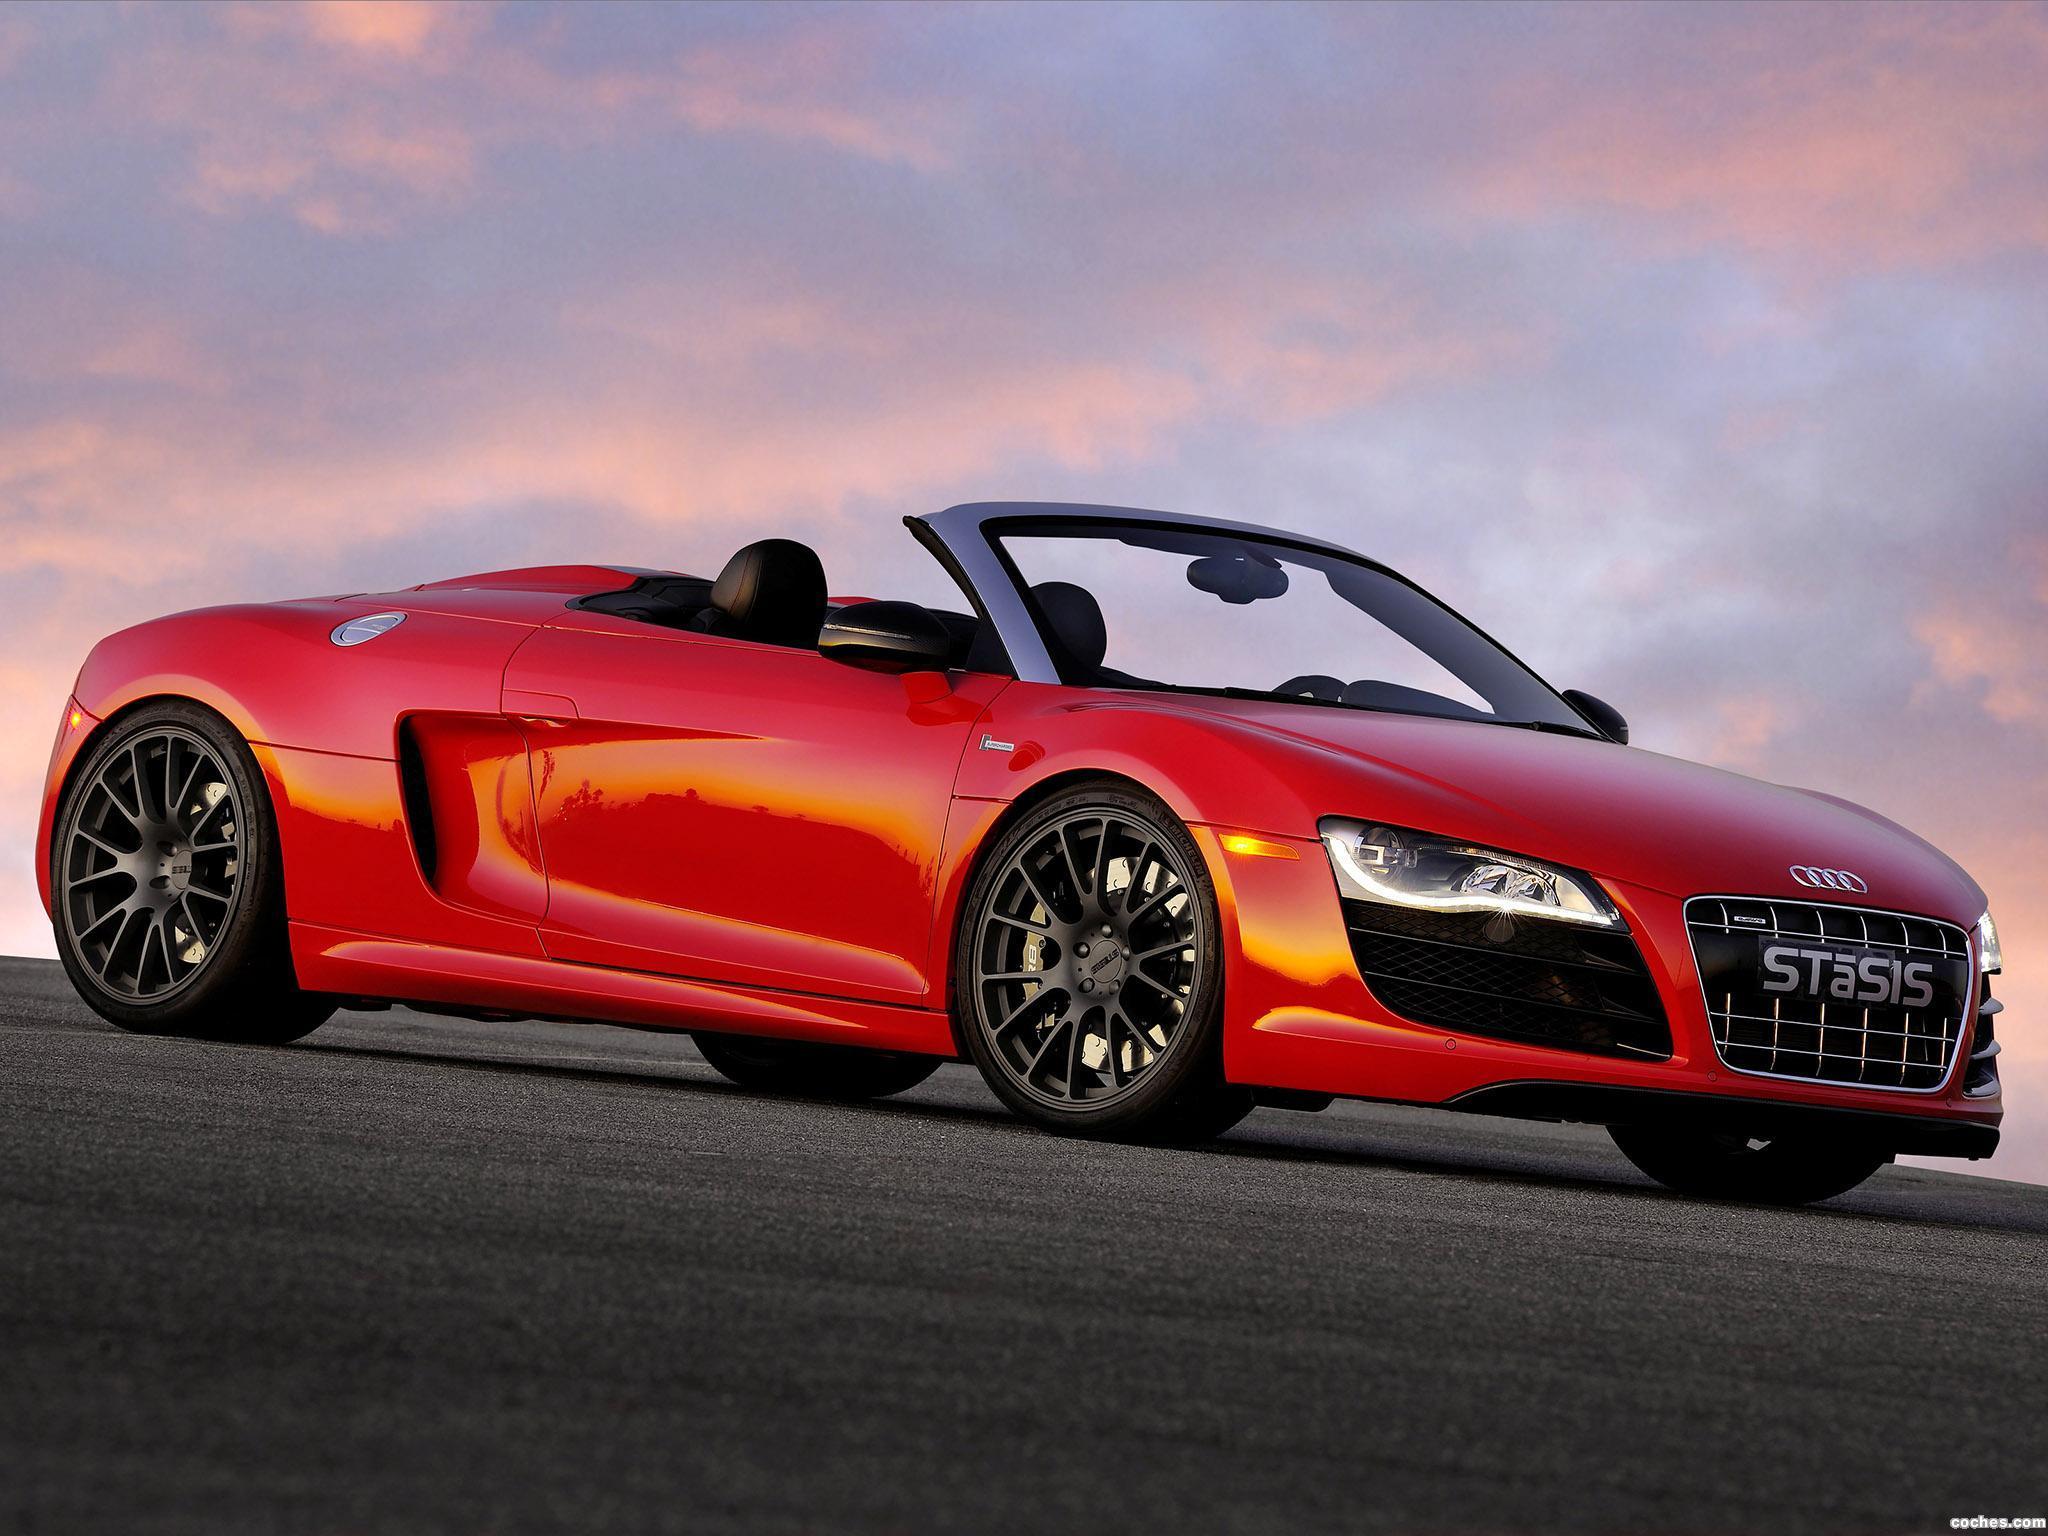 Audi r8 v10 precio españa